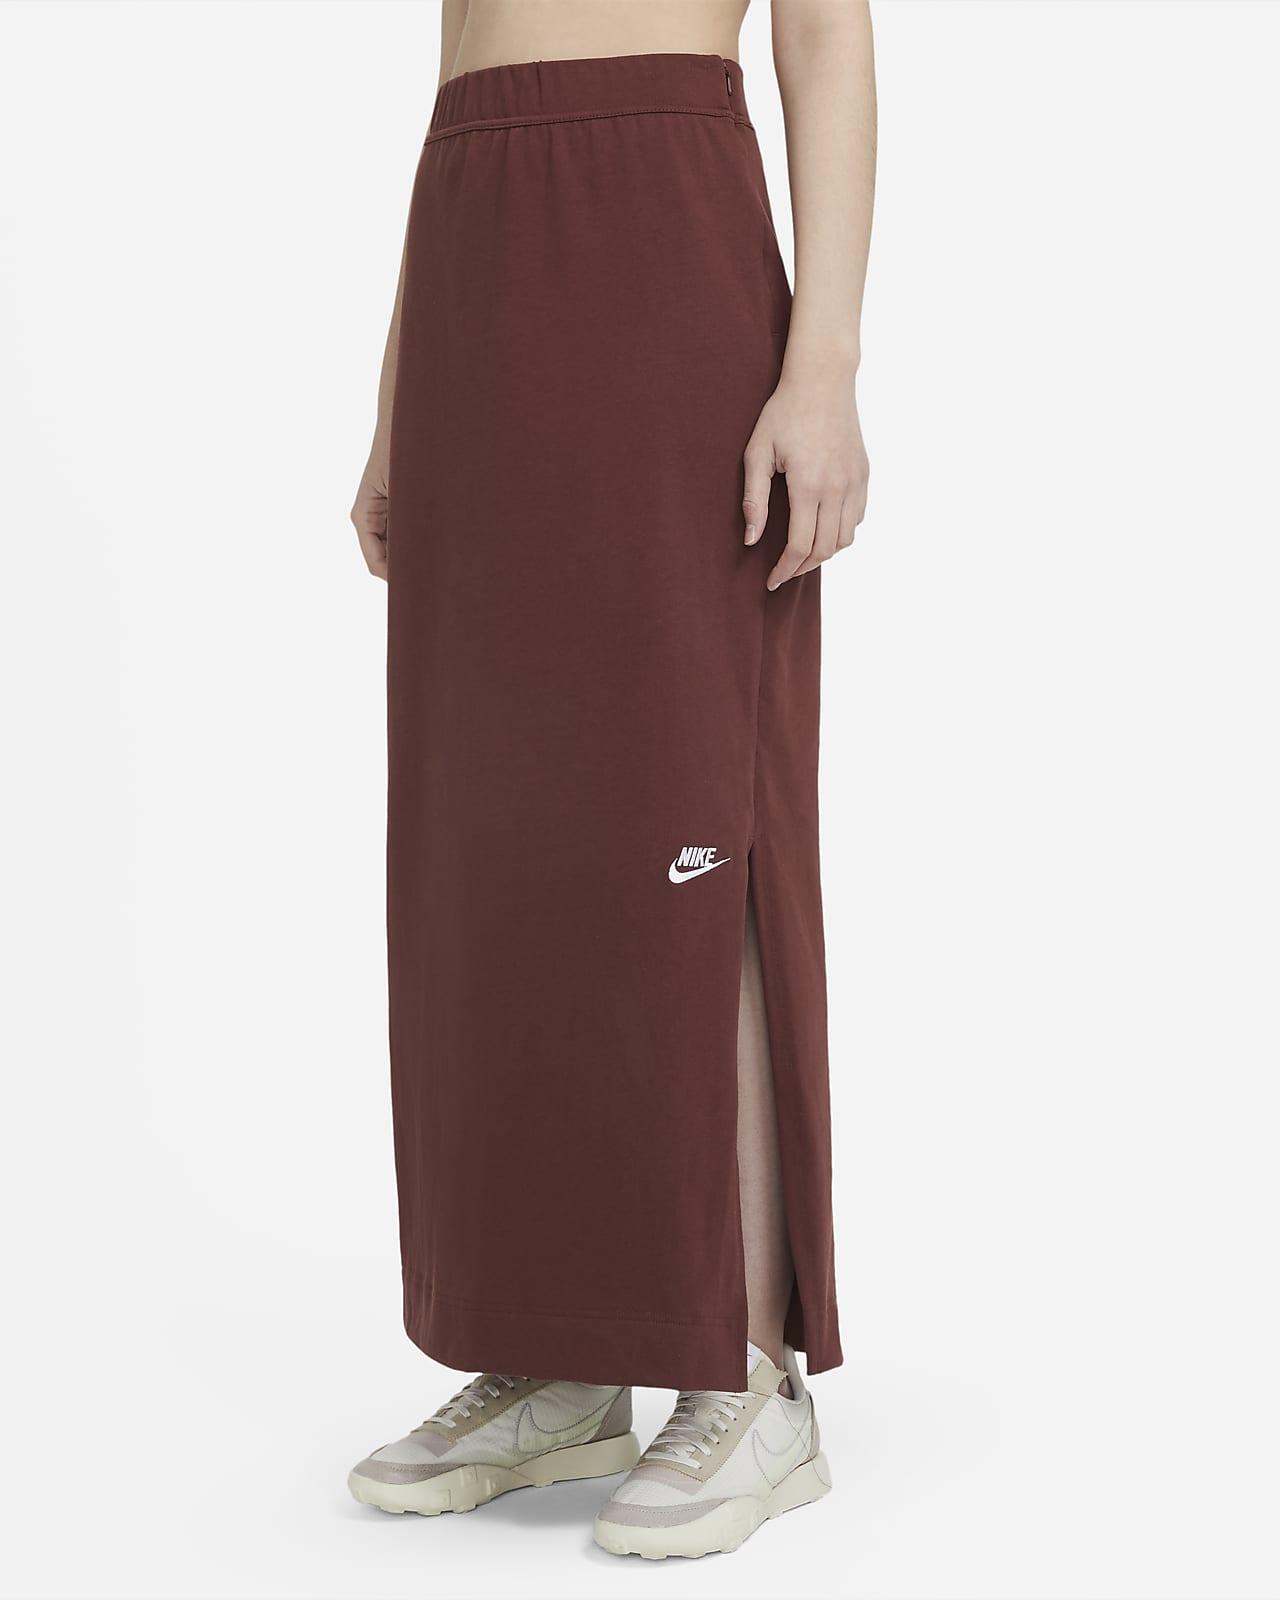 Nike Sportswear Women's Skirt